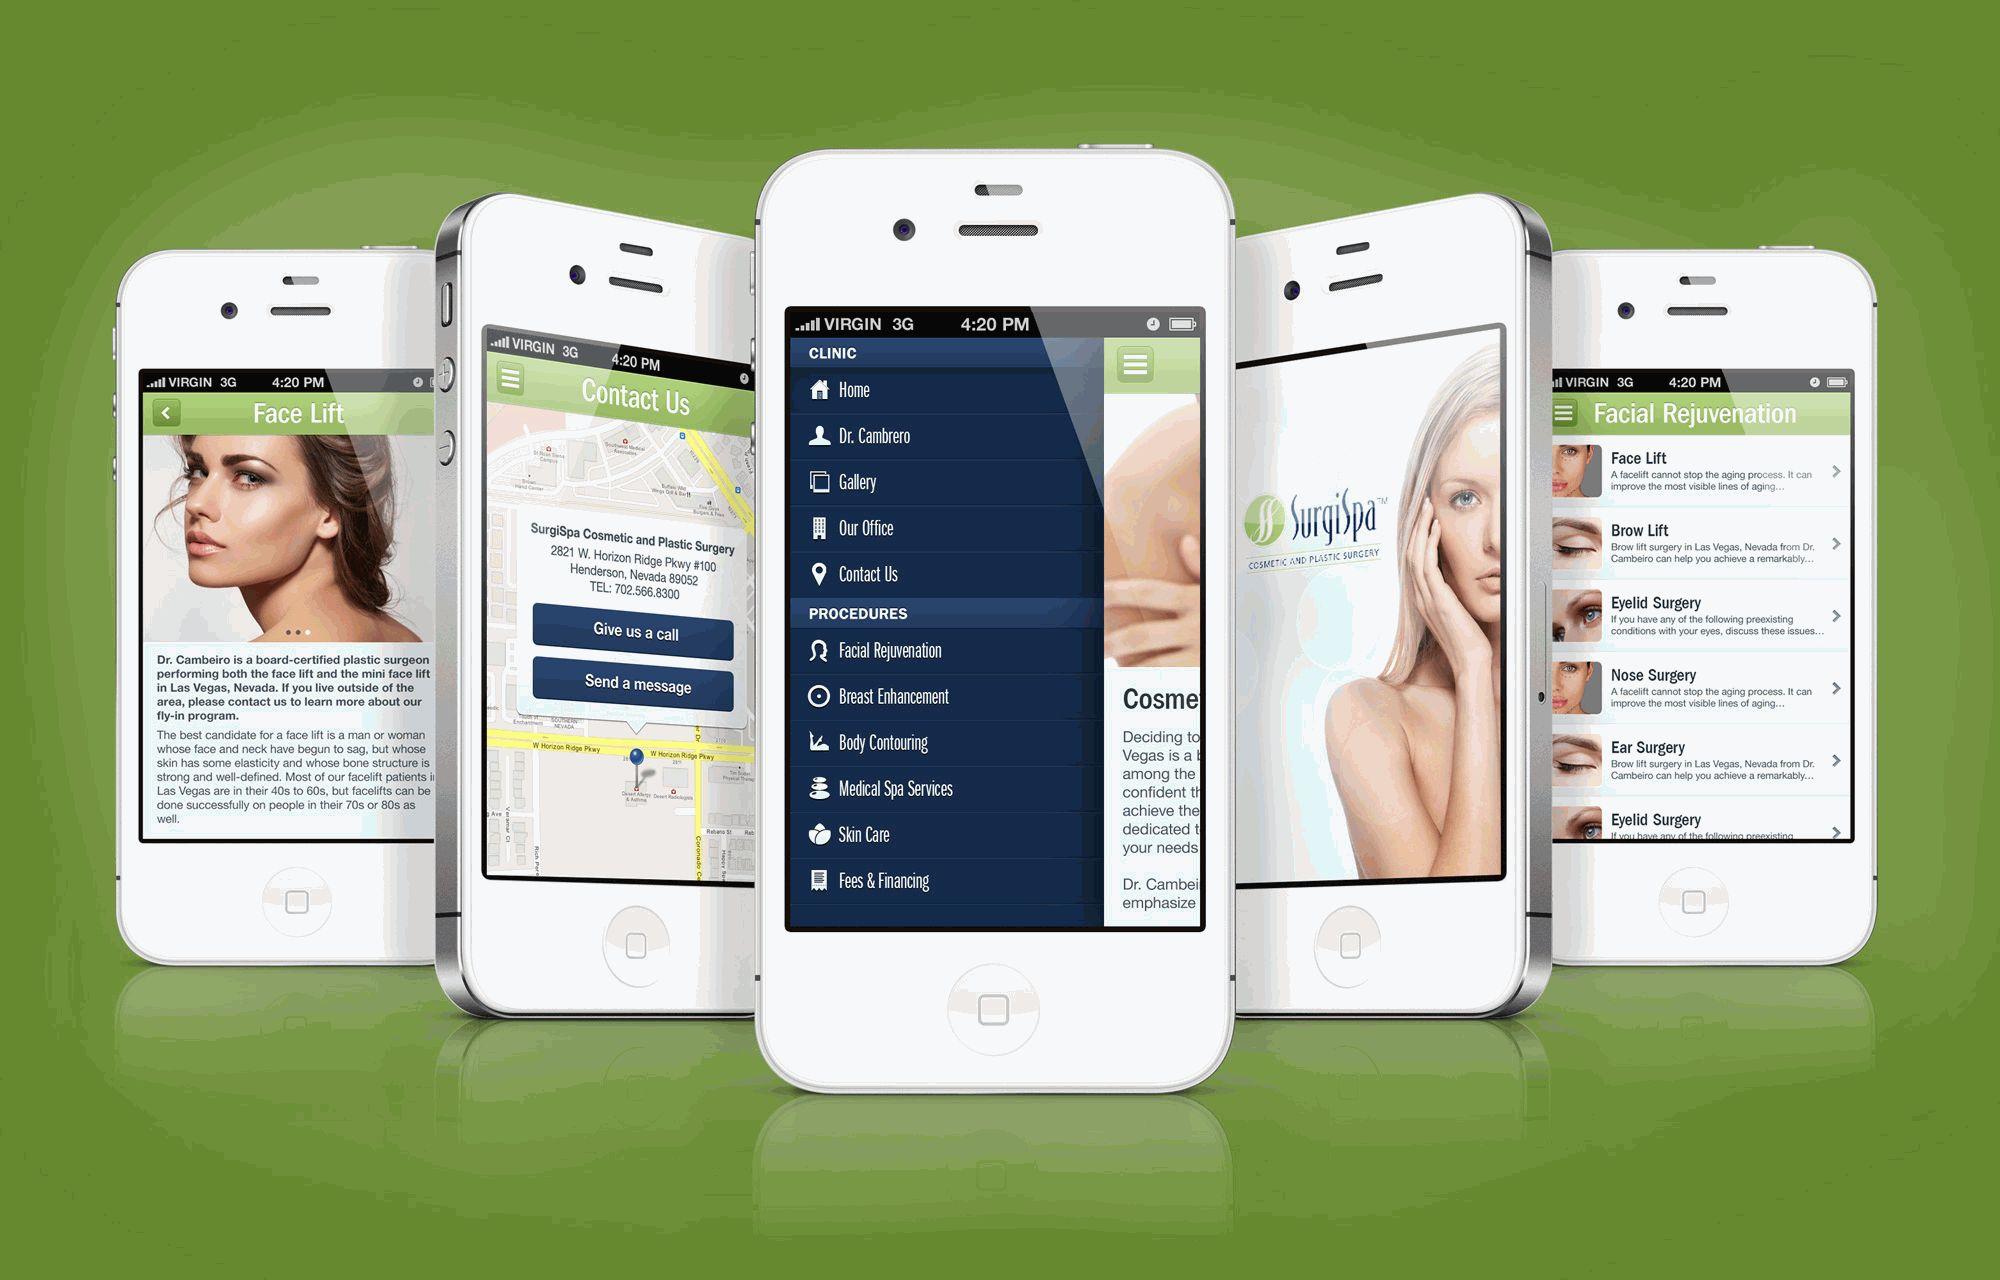 виртуальная пластическая хирургия,пластическая хирургия,мобильное приложение,технологии